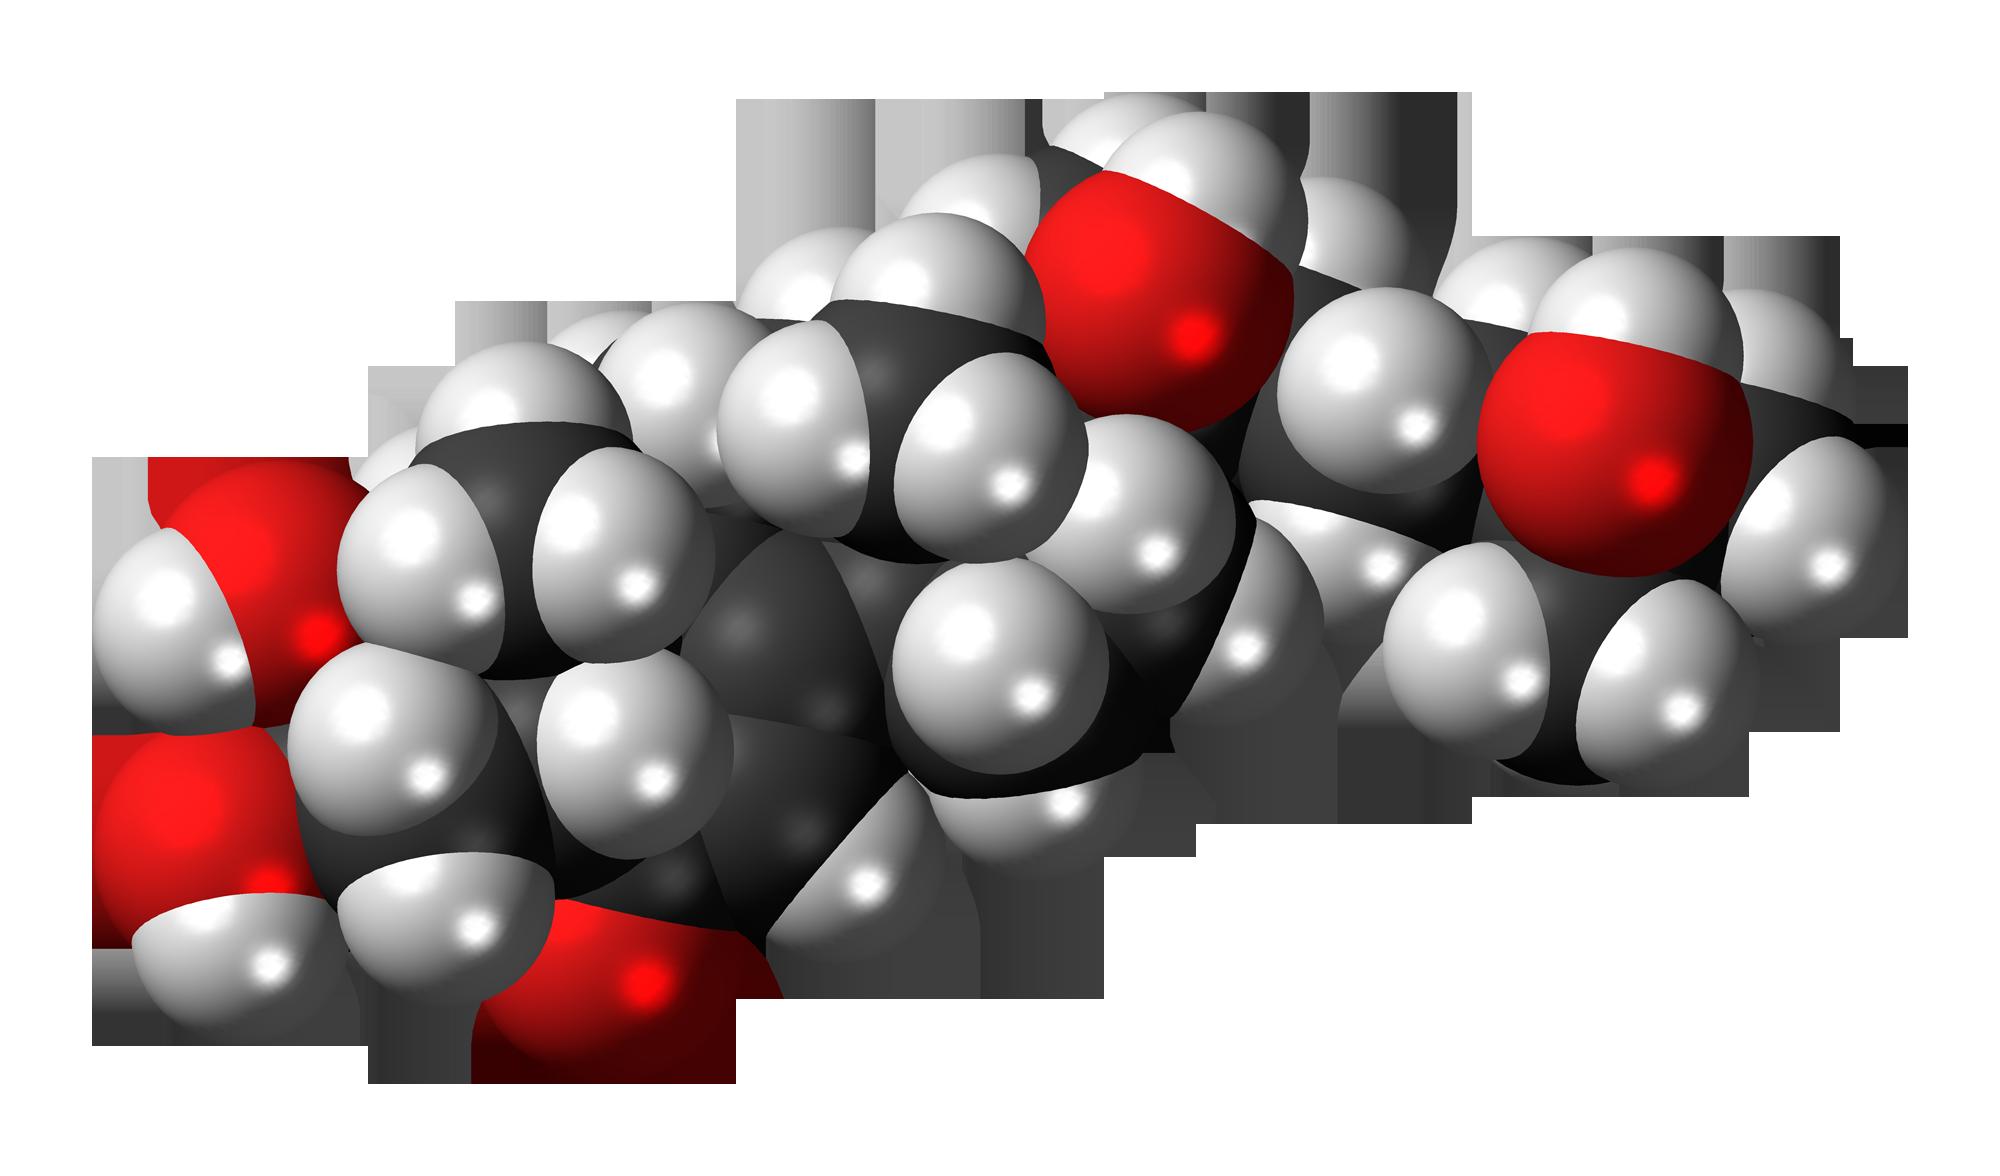 phytoecdysteroid constituents from cyanotis arachnoidea